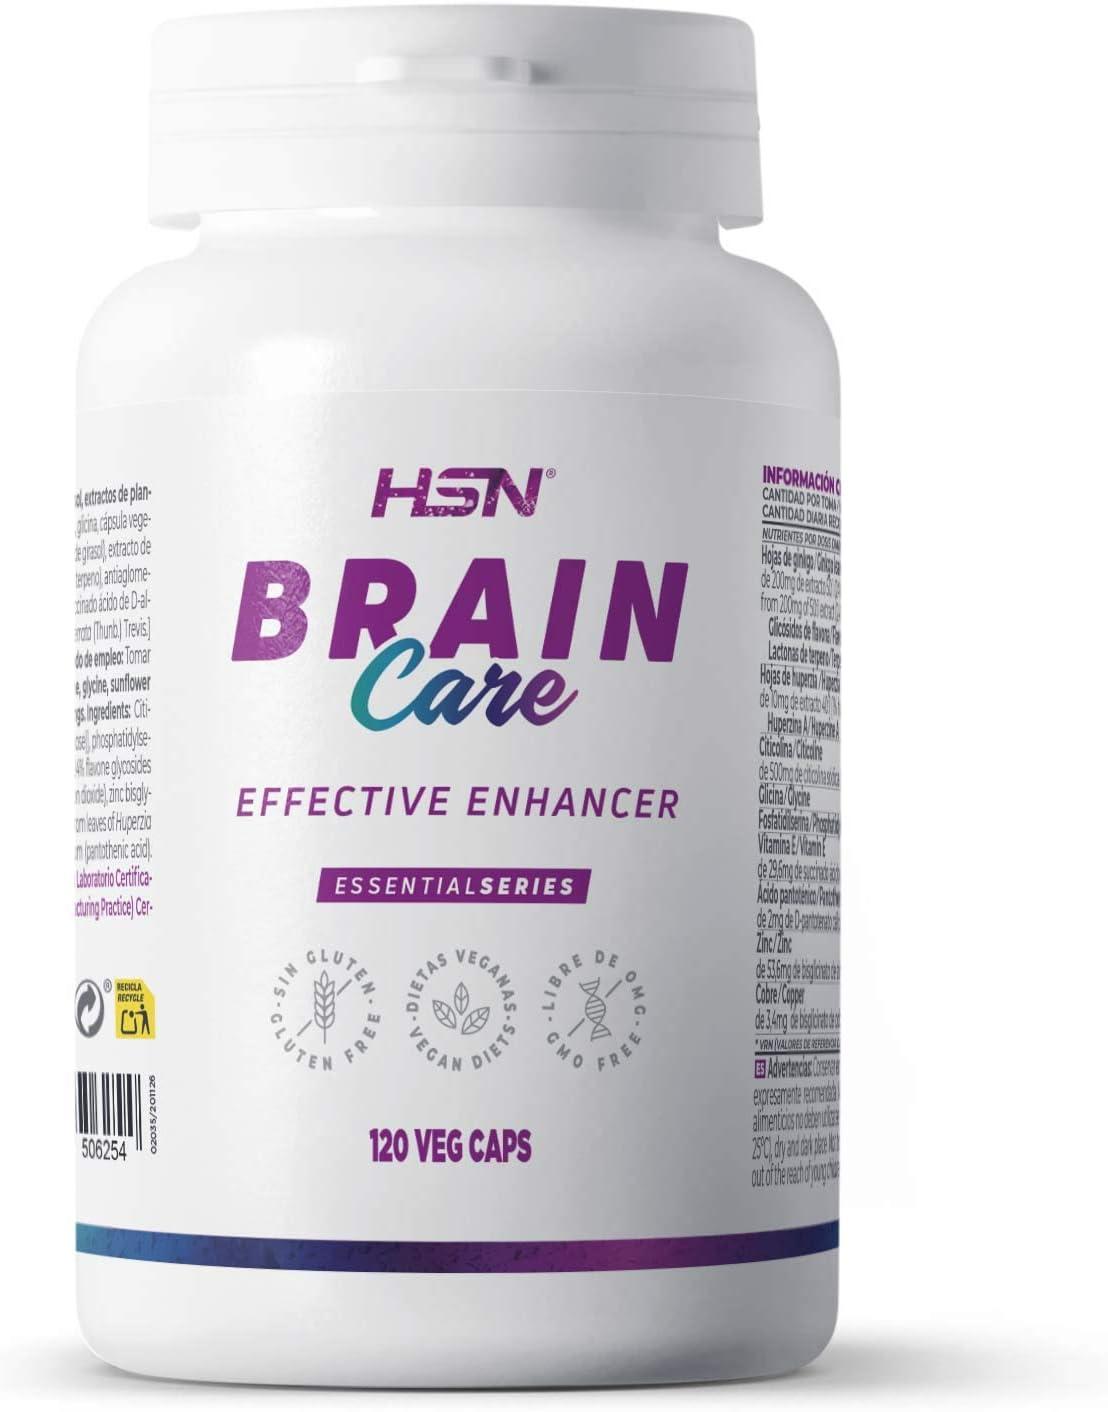 Brain Care de HSN | Nootrópico Natural con Gingko Biloba + Huperzina + Citicolina + Fosfatidilserina + Vitaminas + Minerales | Apoyo Cognitivo + Memoria + Atención | Vegano | 120 Veg Caps